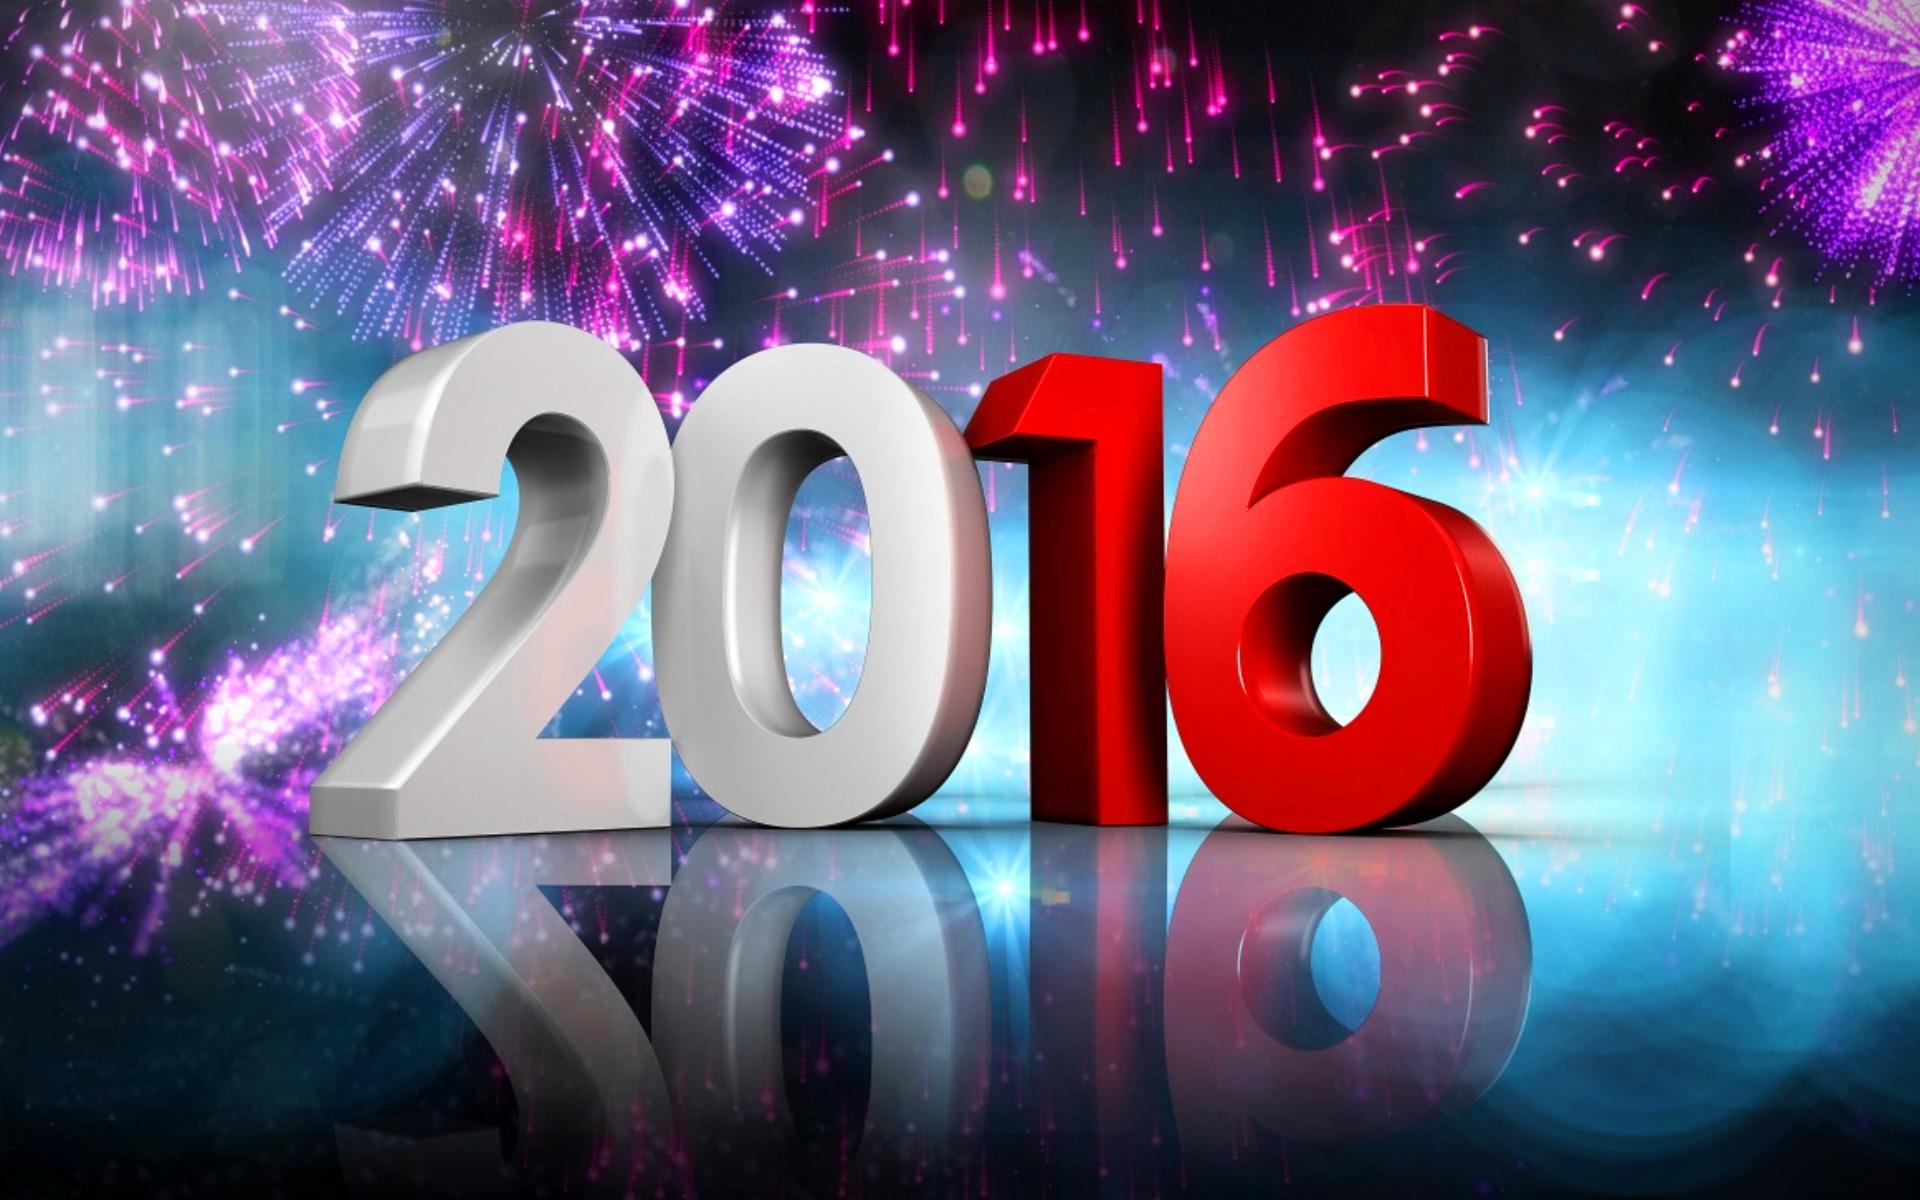 Надпись с новым 2016 годом картинки, ужин картинки